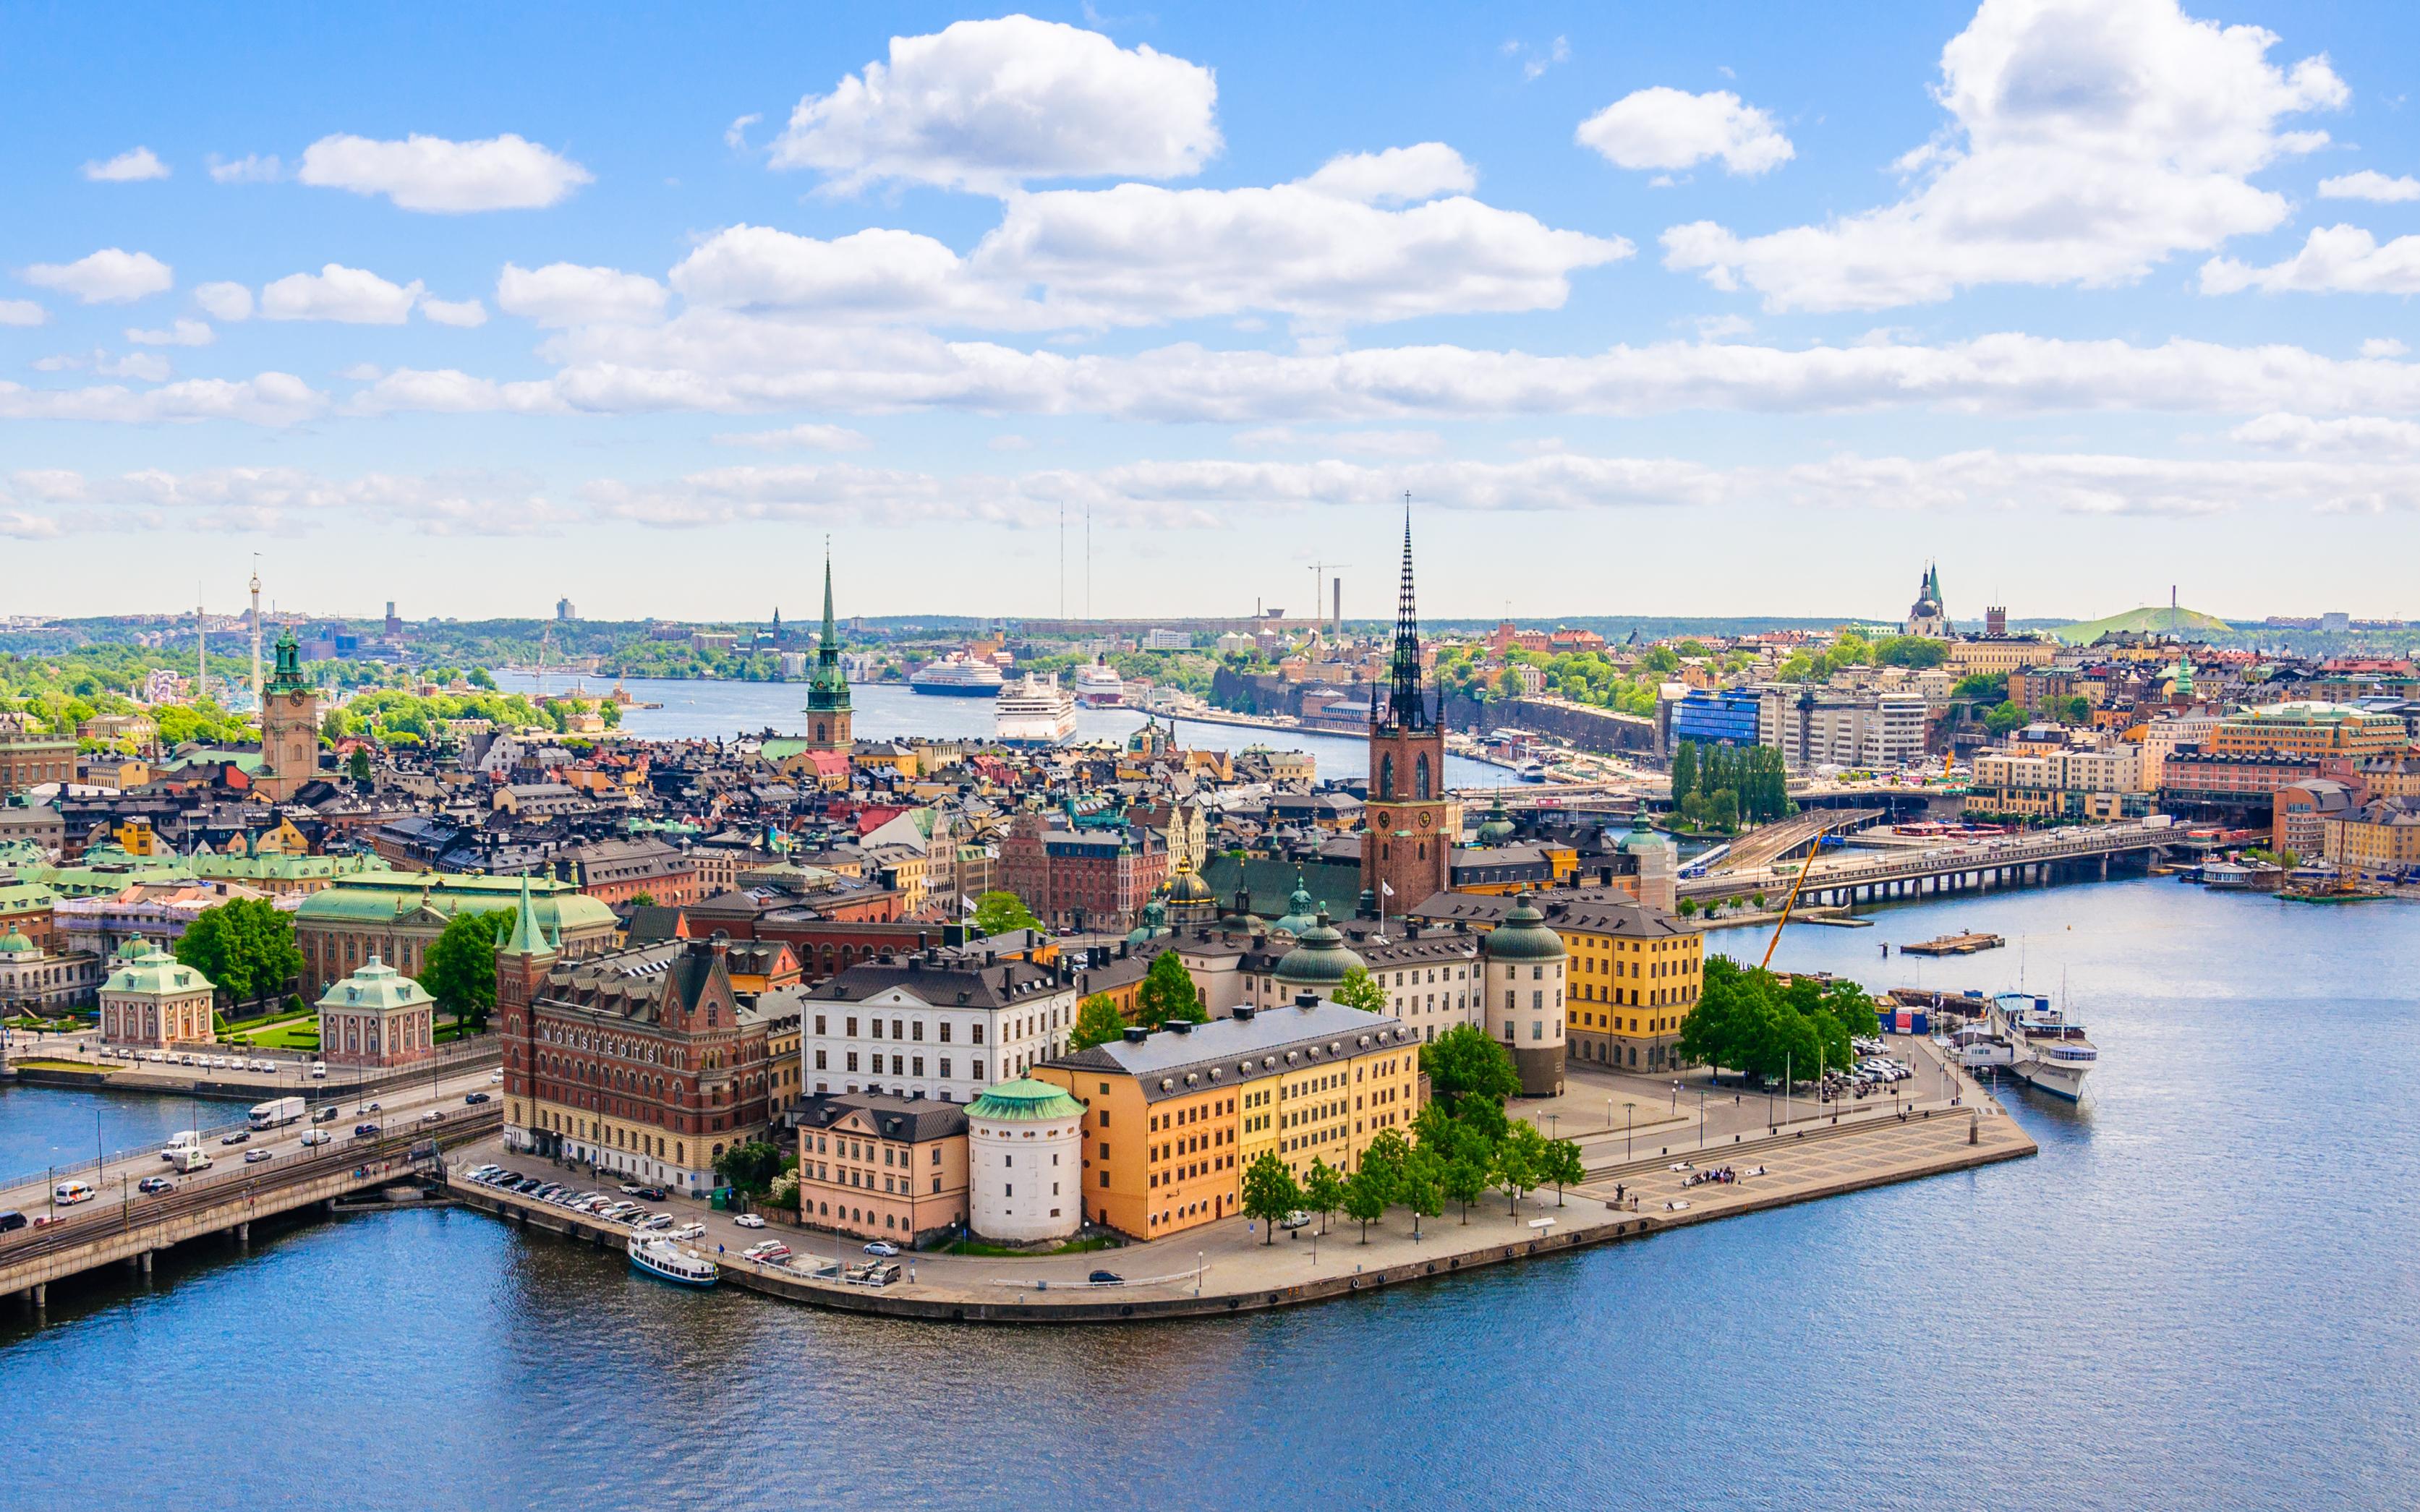 hur länge har man gratis tandvård i stockholm